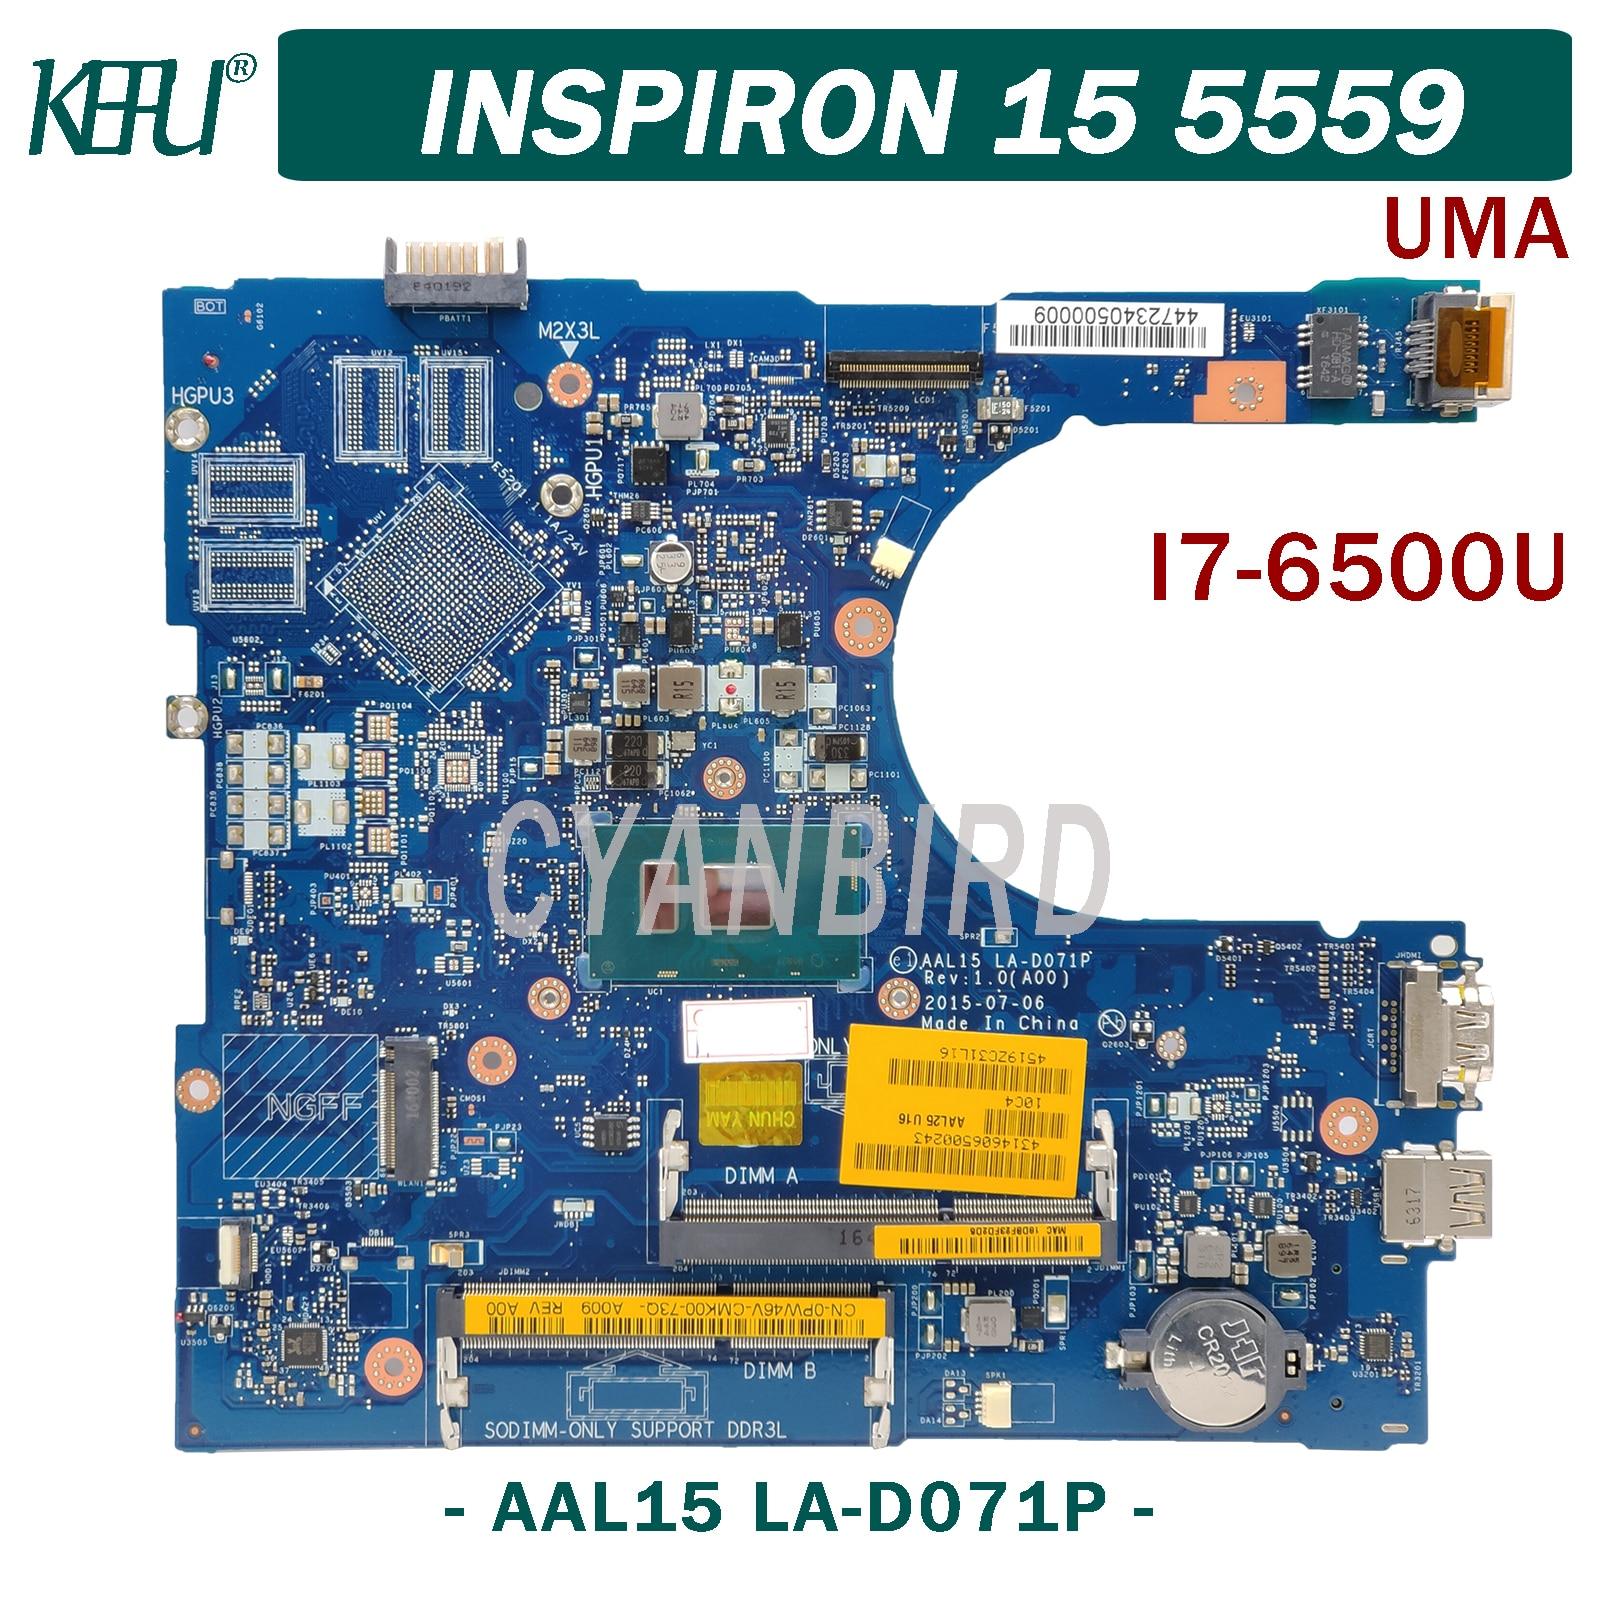 KEFU AAL15 LA-D071P اللوحة الرئيسية الأصلية لديل انسبايرون 15-5559 UMA مع I7-6500U اللوحة الأم للكمبيوتر المحمول